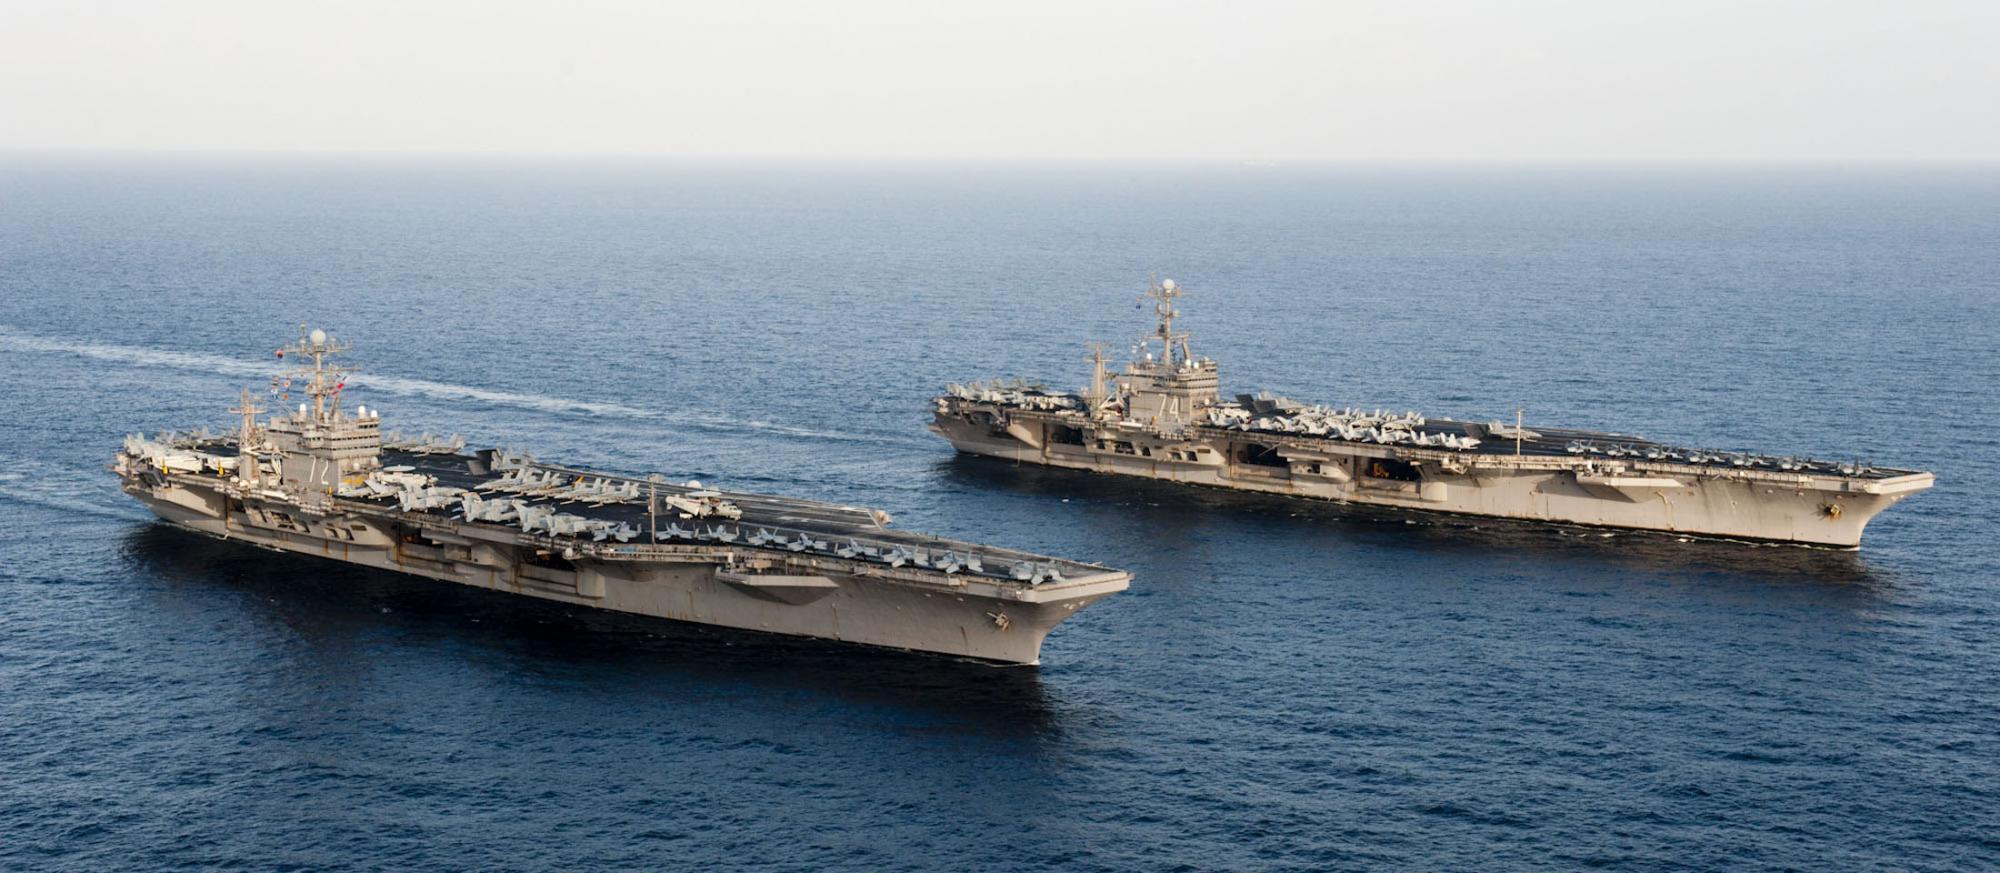 美国航母编队穿越霍尔木兹海峡 伊朗态度软化